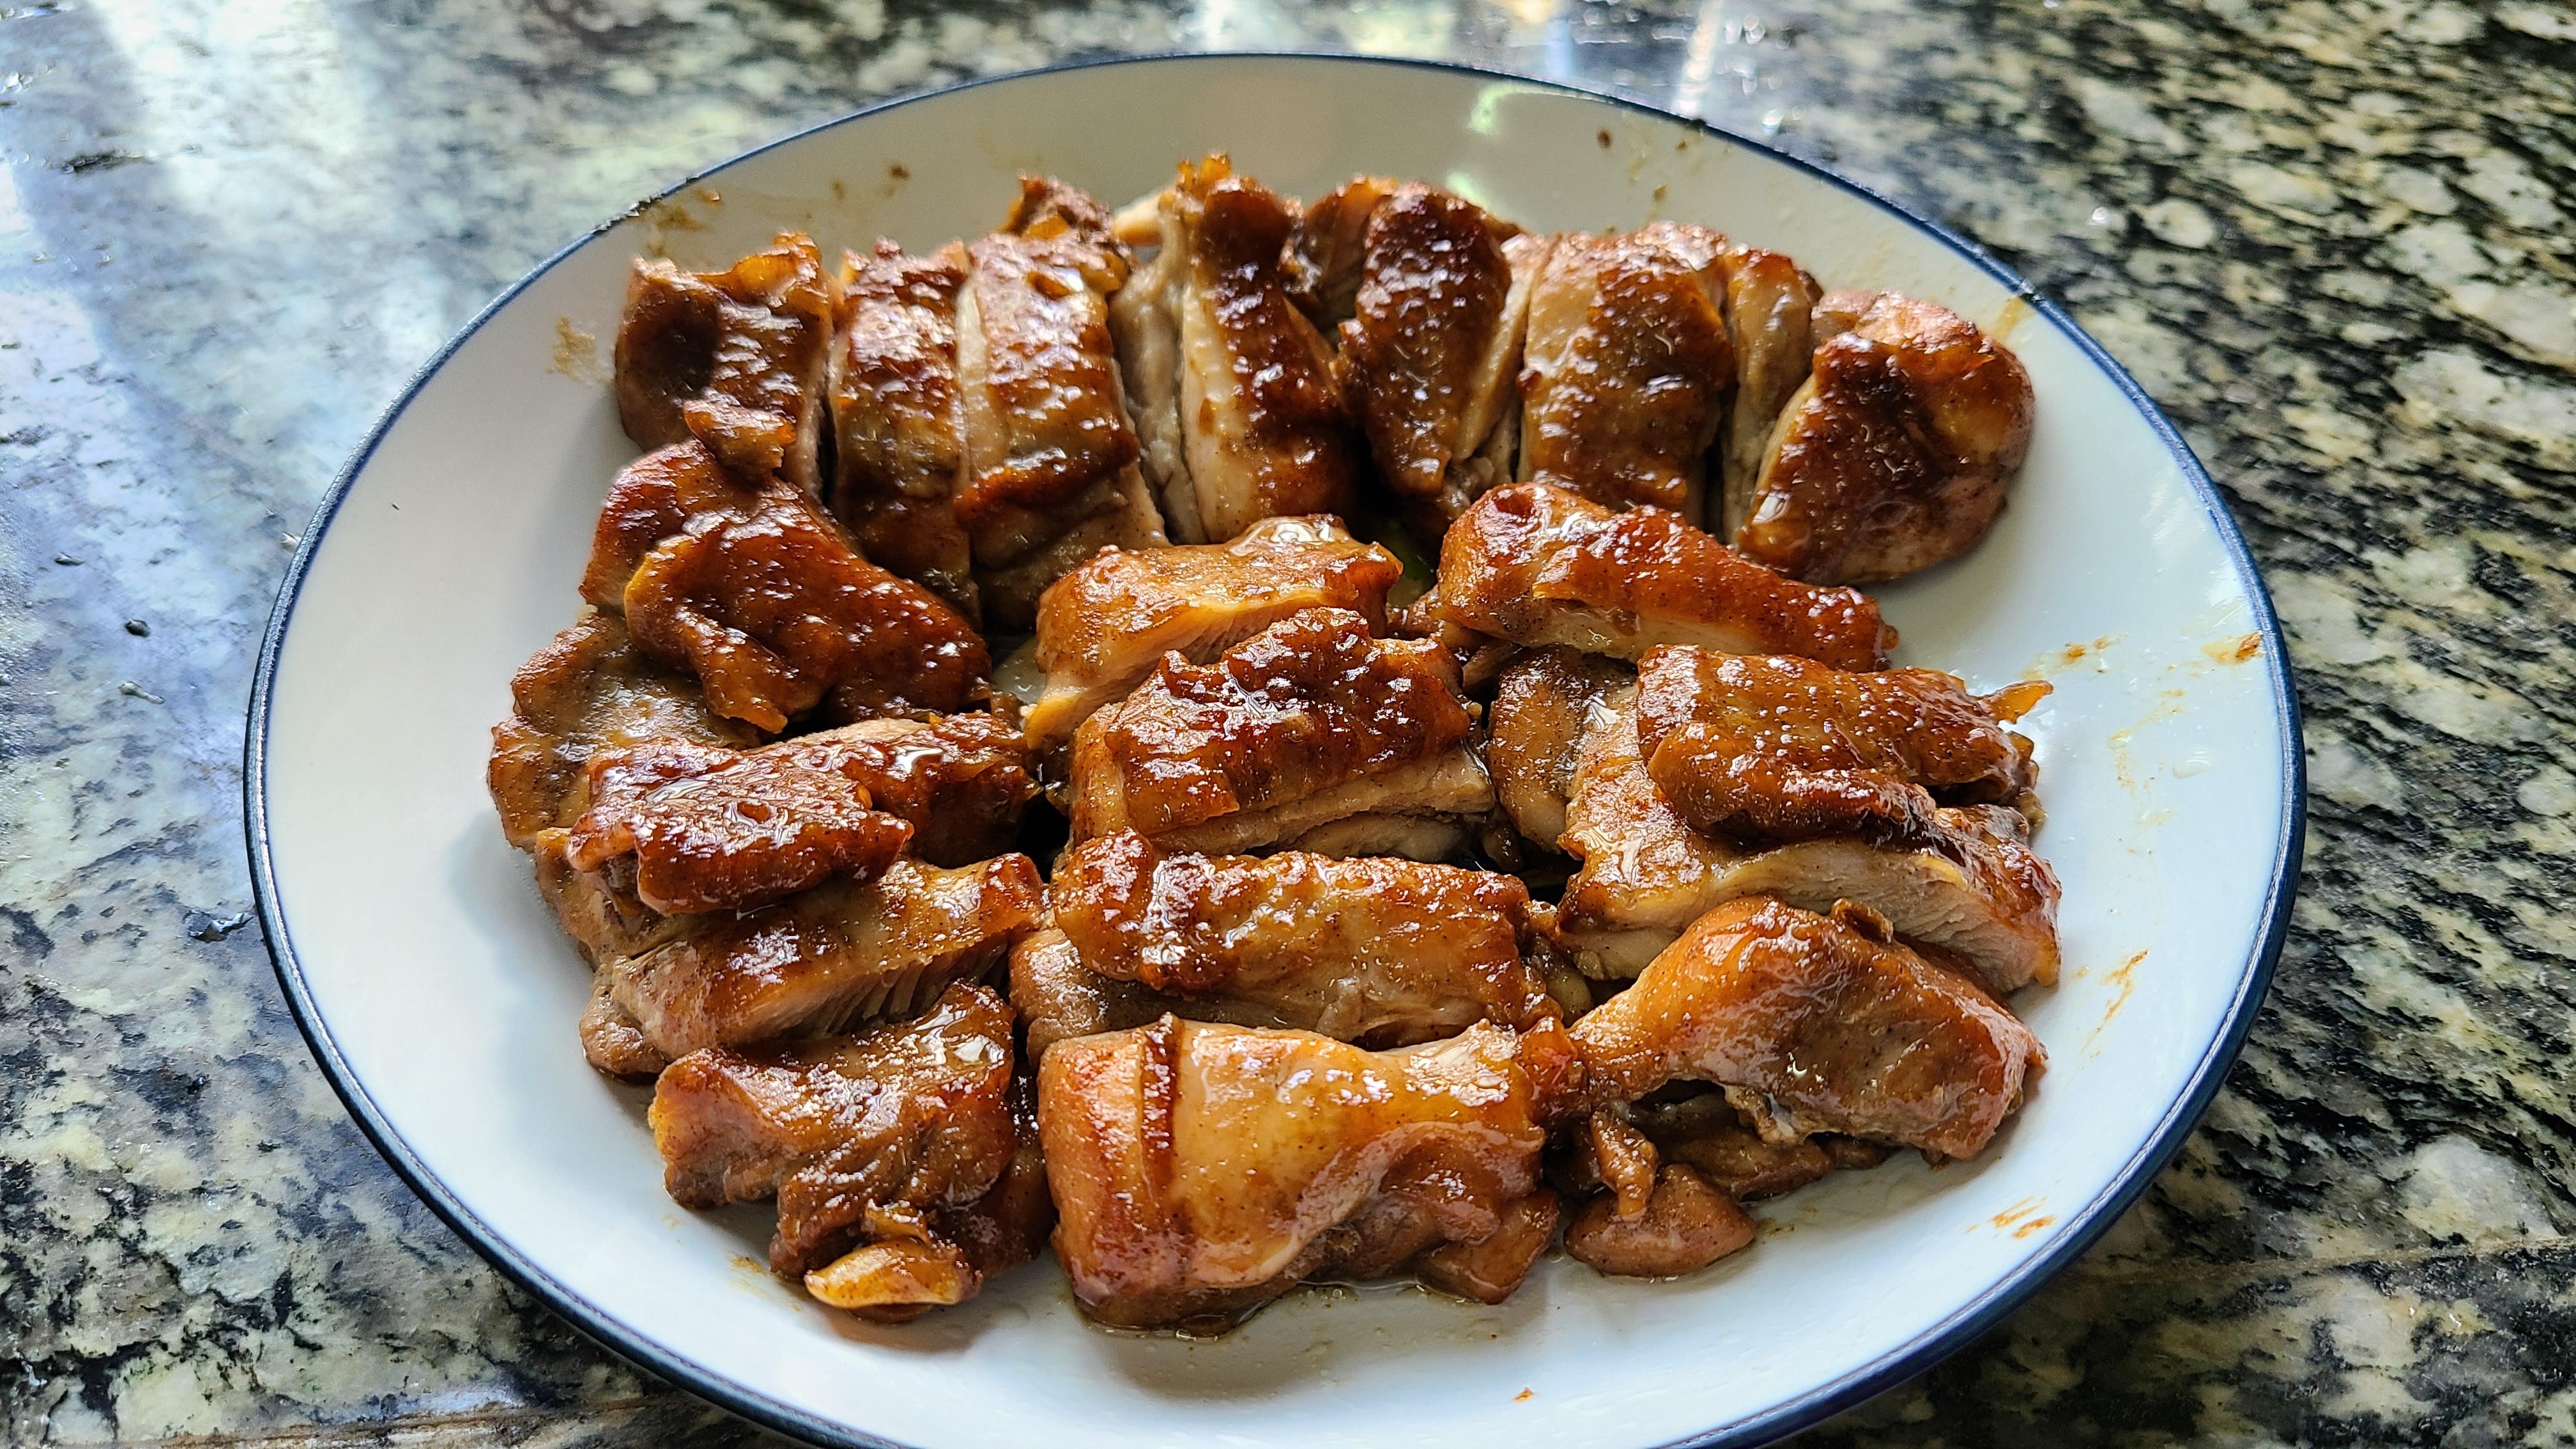 鸡腿别直接炖,广东人教我一个做法,美味好吃,每次都吃光